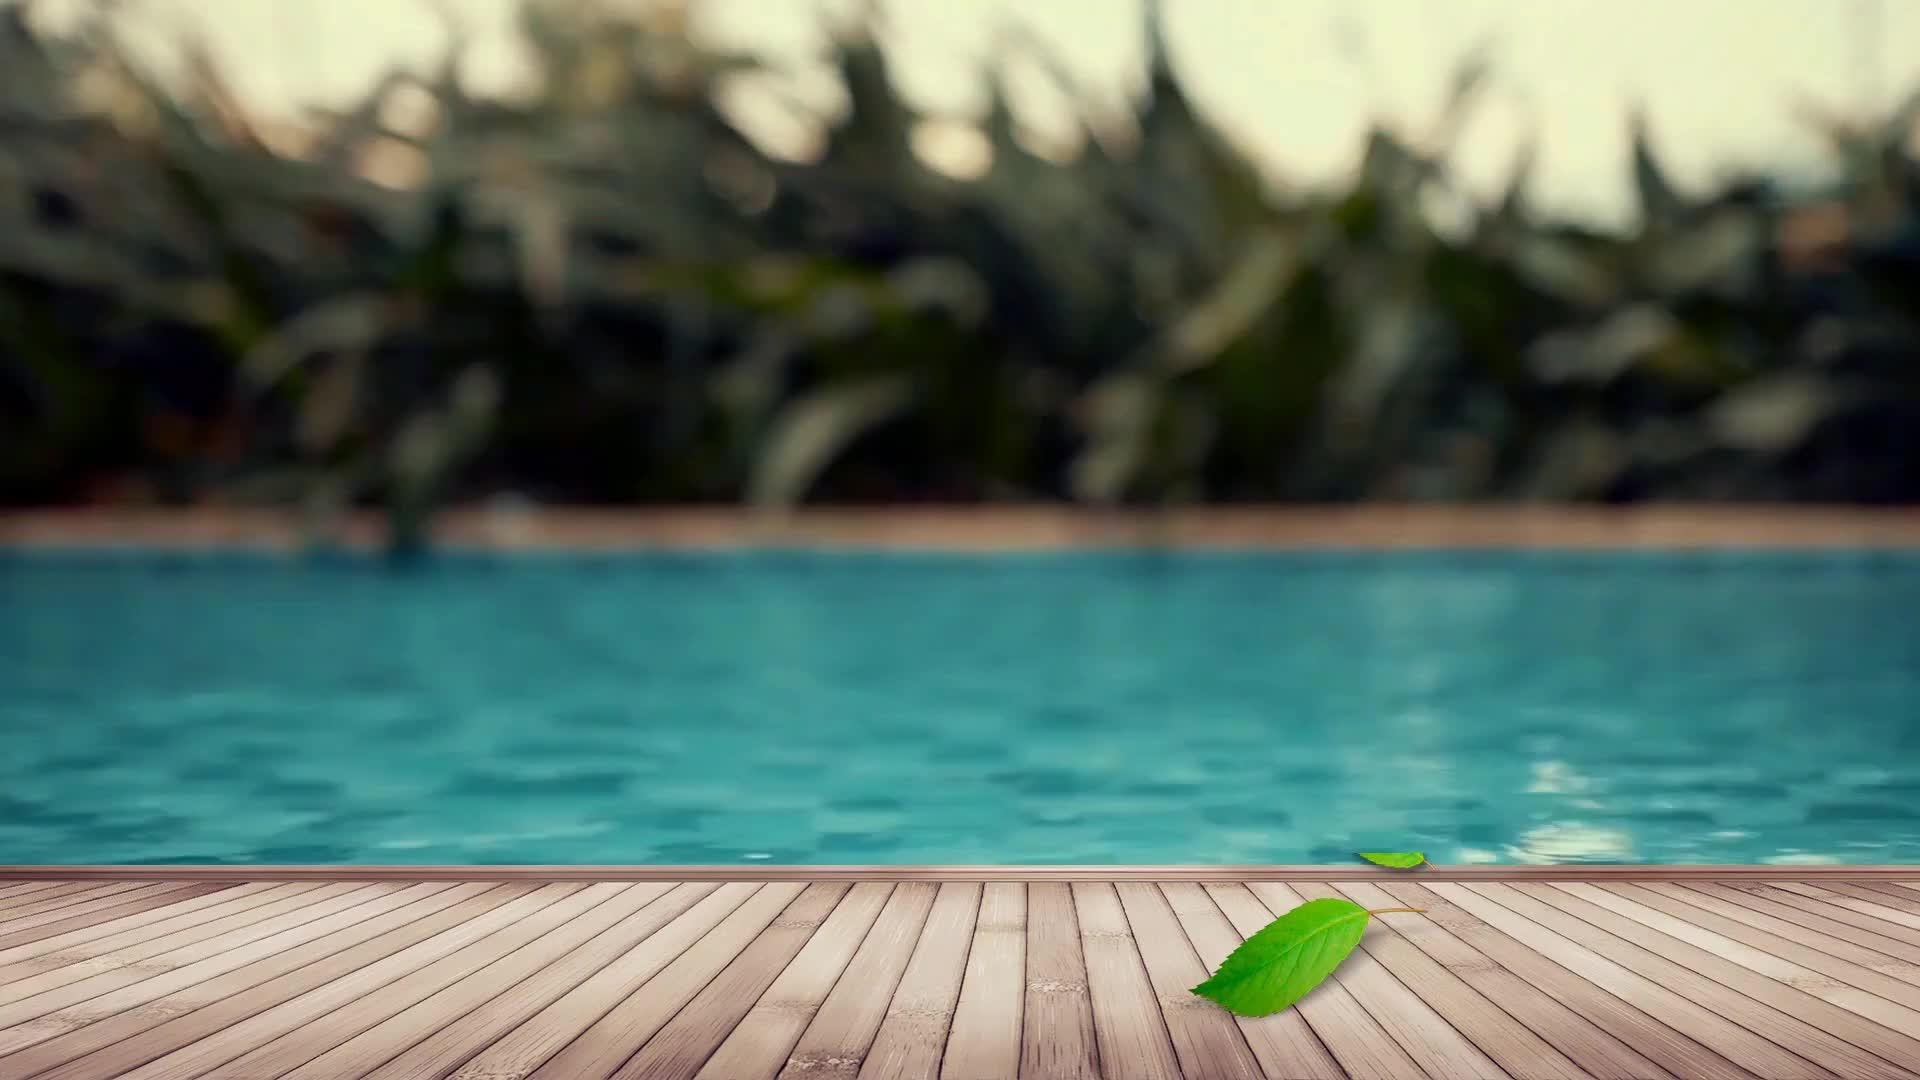 ขายส่งฟรีตัวอย่างฟรีป้าย 290ml น้ำสับปะรด Basil SEED เครื่องดื่ม